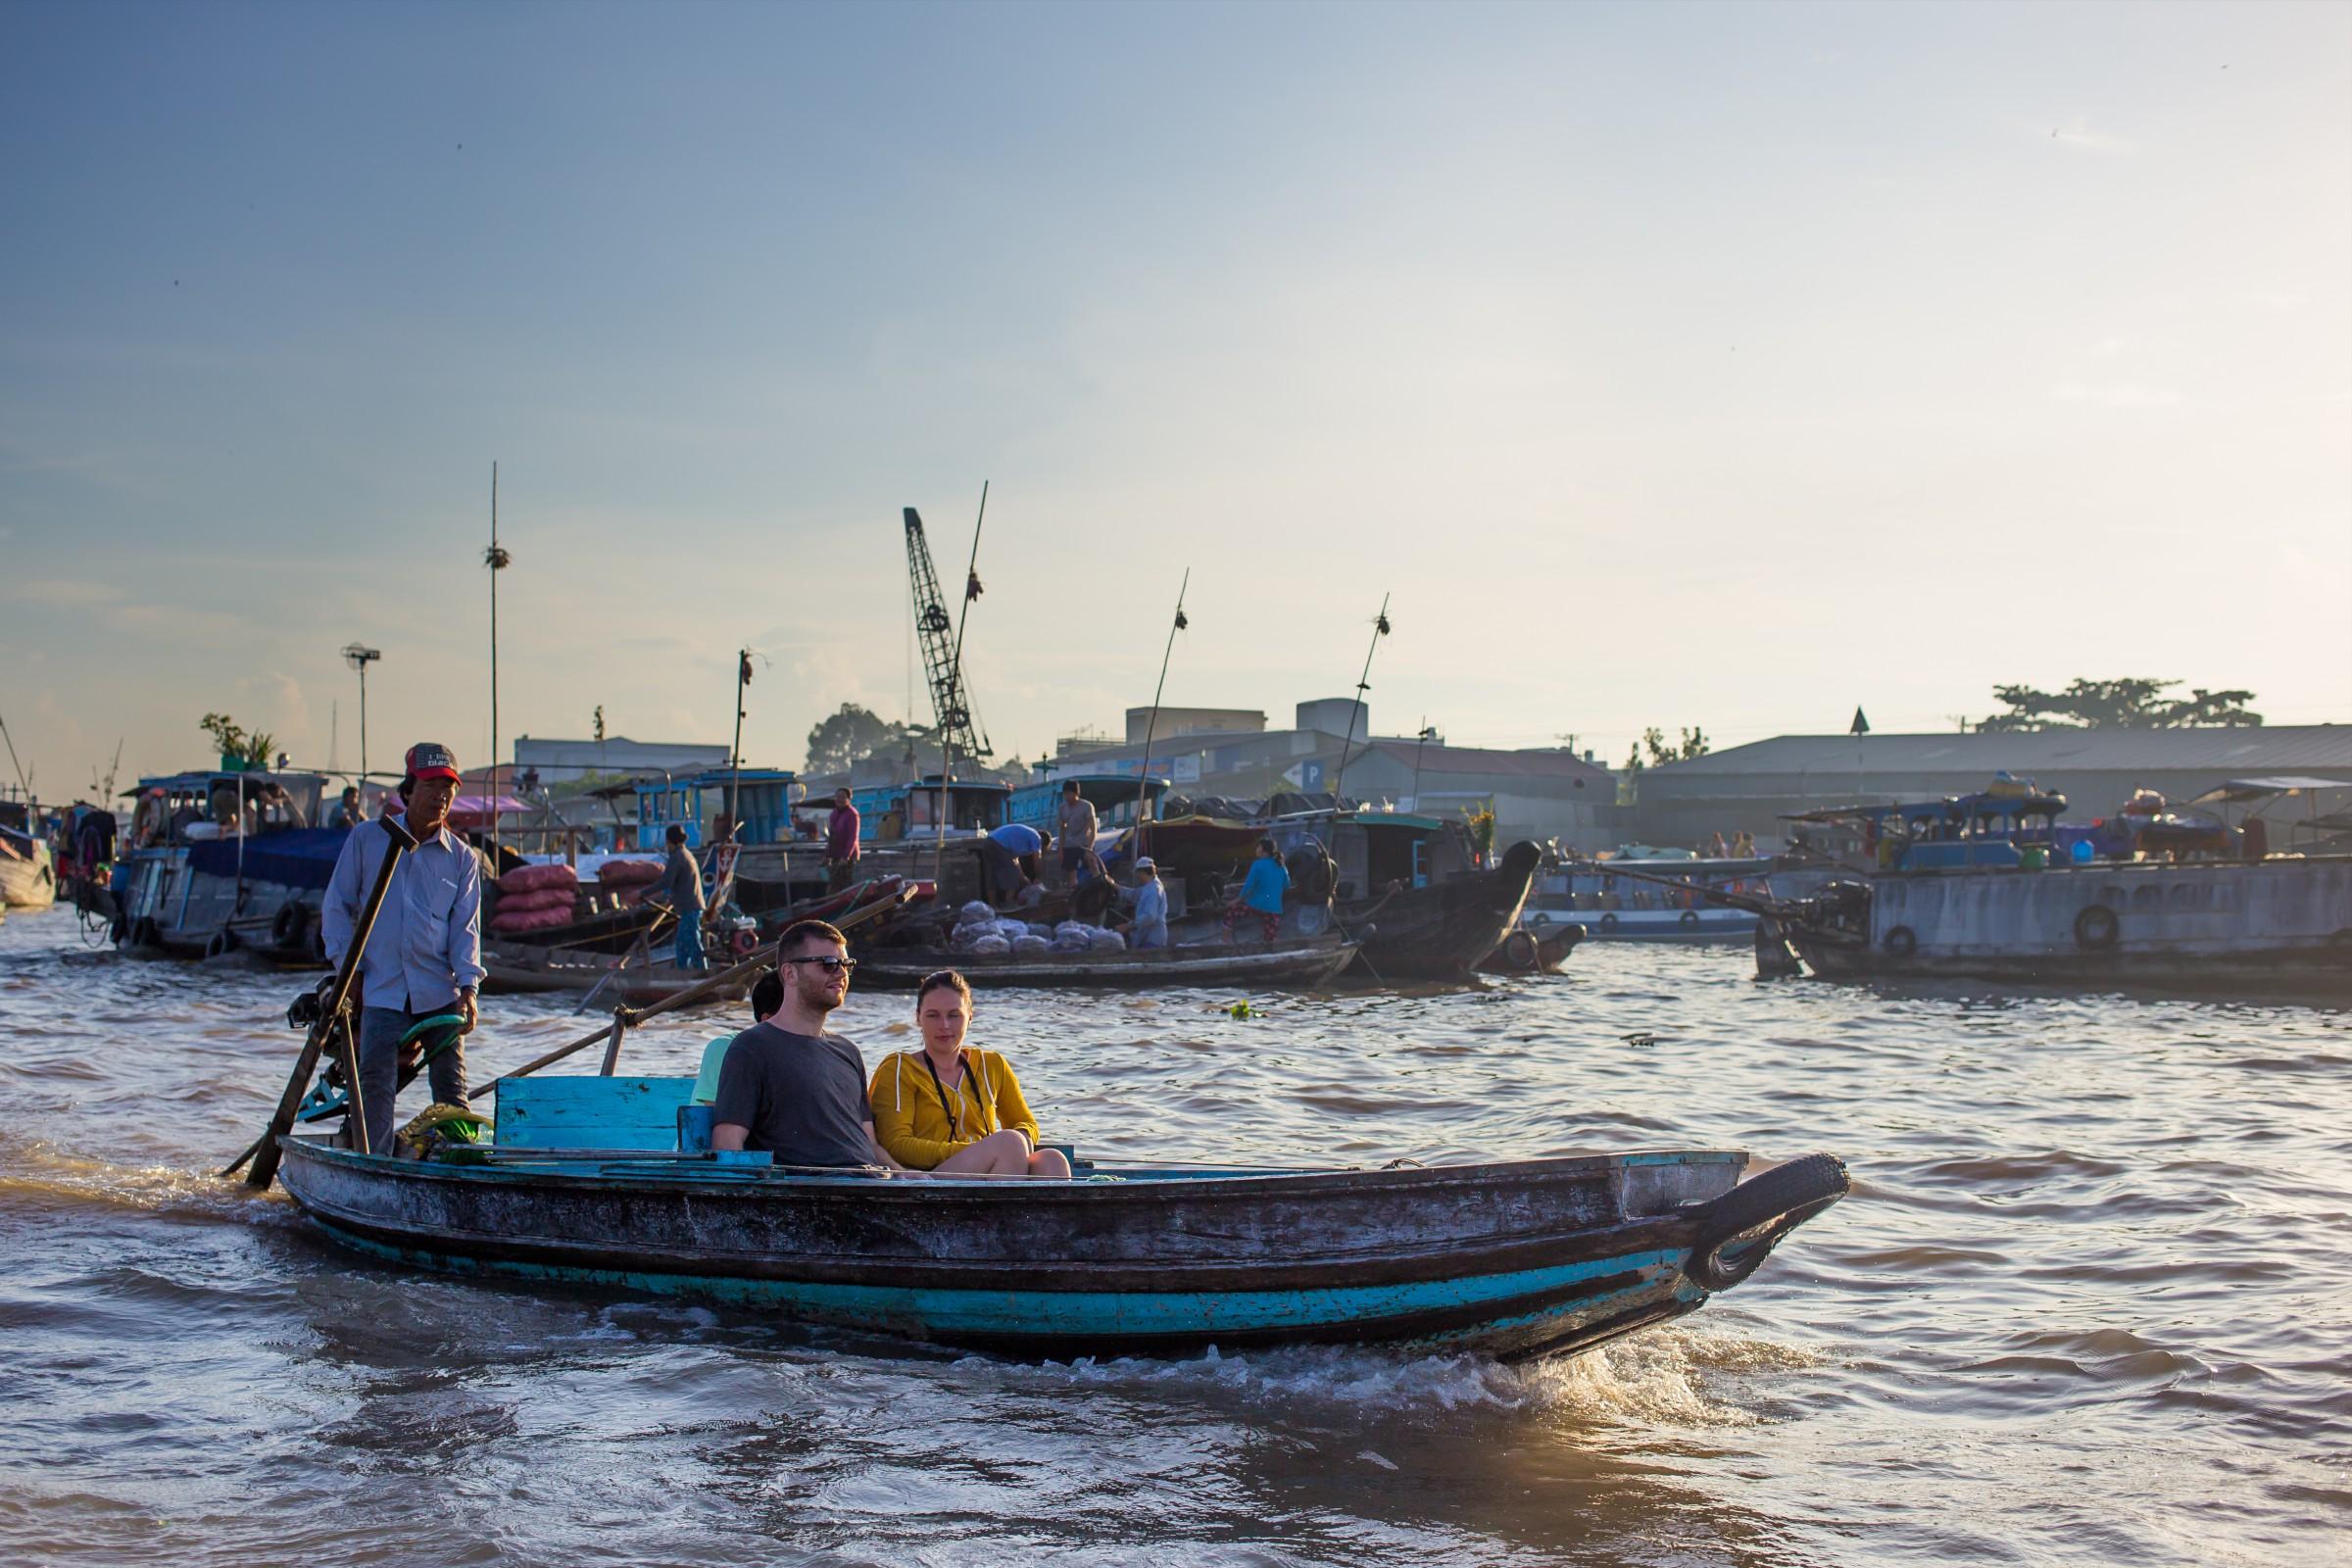 cai rang floating market Mekong delta